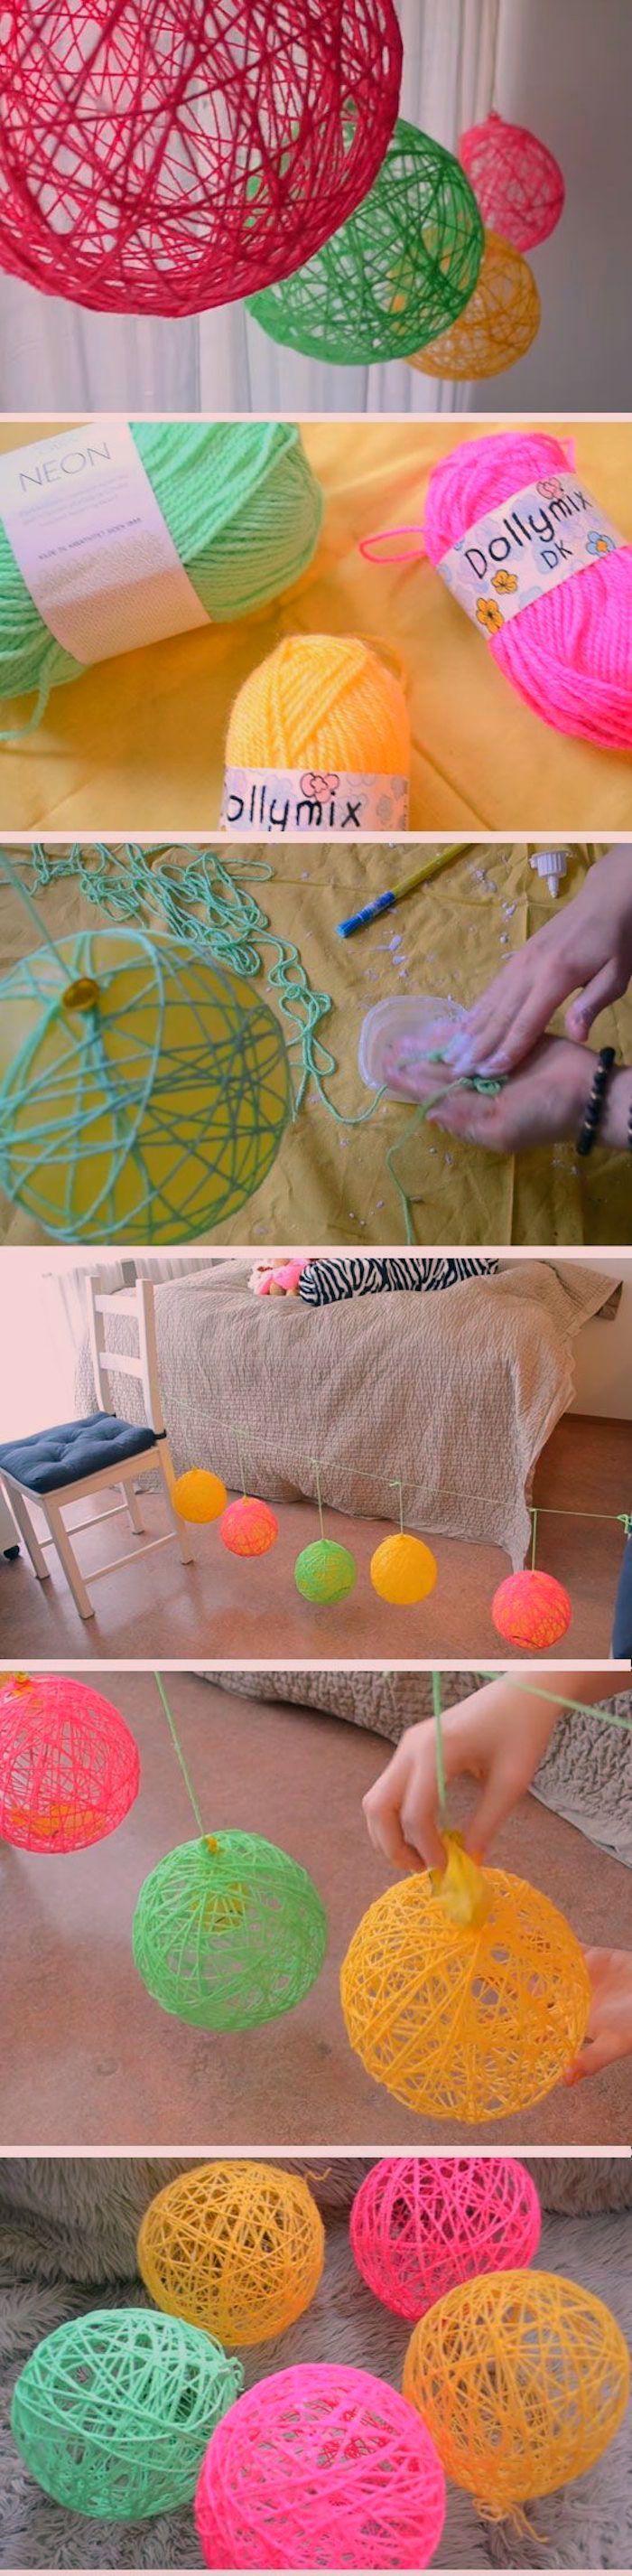 Diy Deko Idee Bunte Kugeln Aus Garn Oder Wolle Basteln Zimmer Dekorieren Spring Diy Diy Room Decor For Teens Diy For Teens